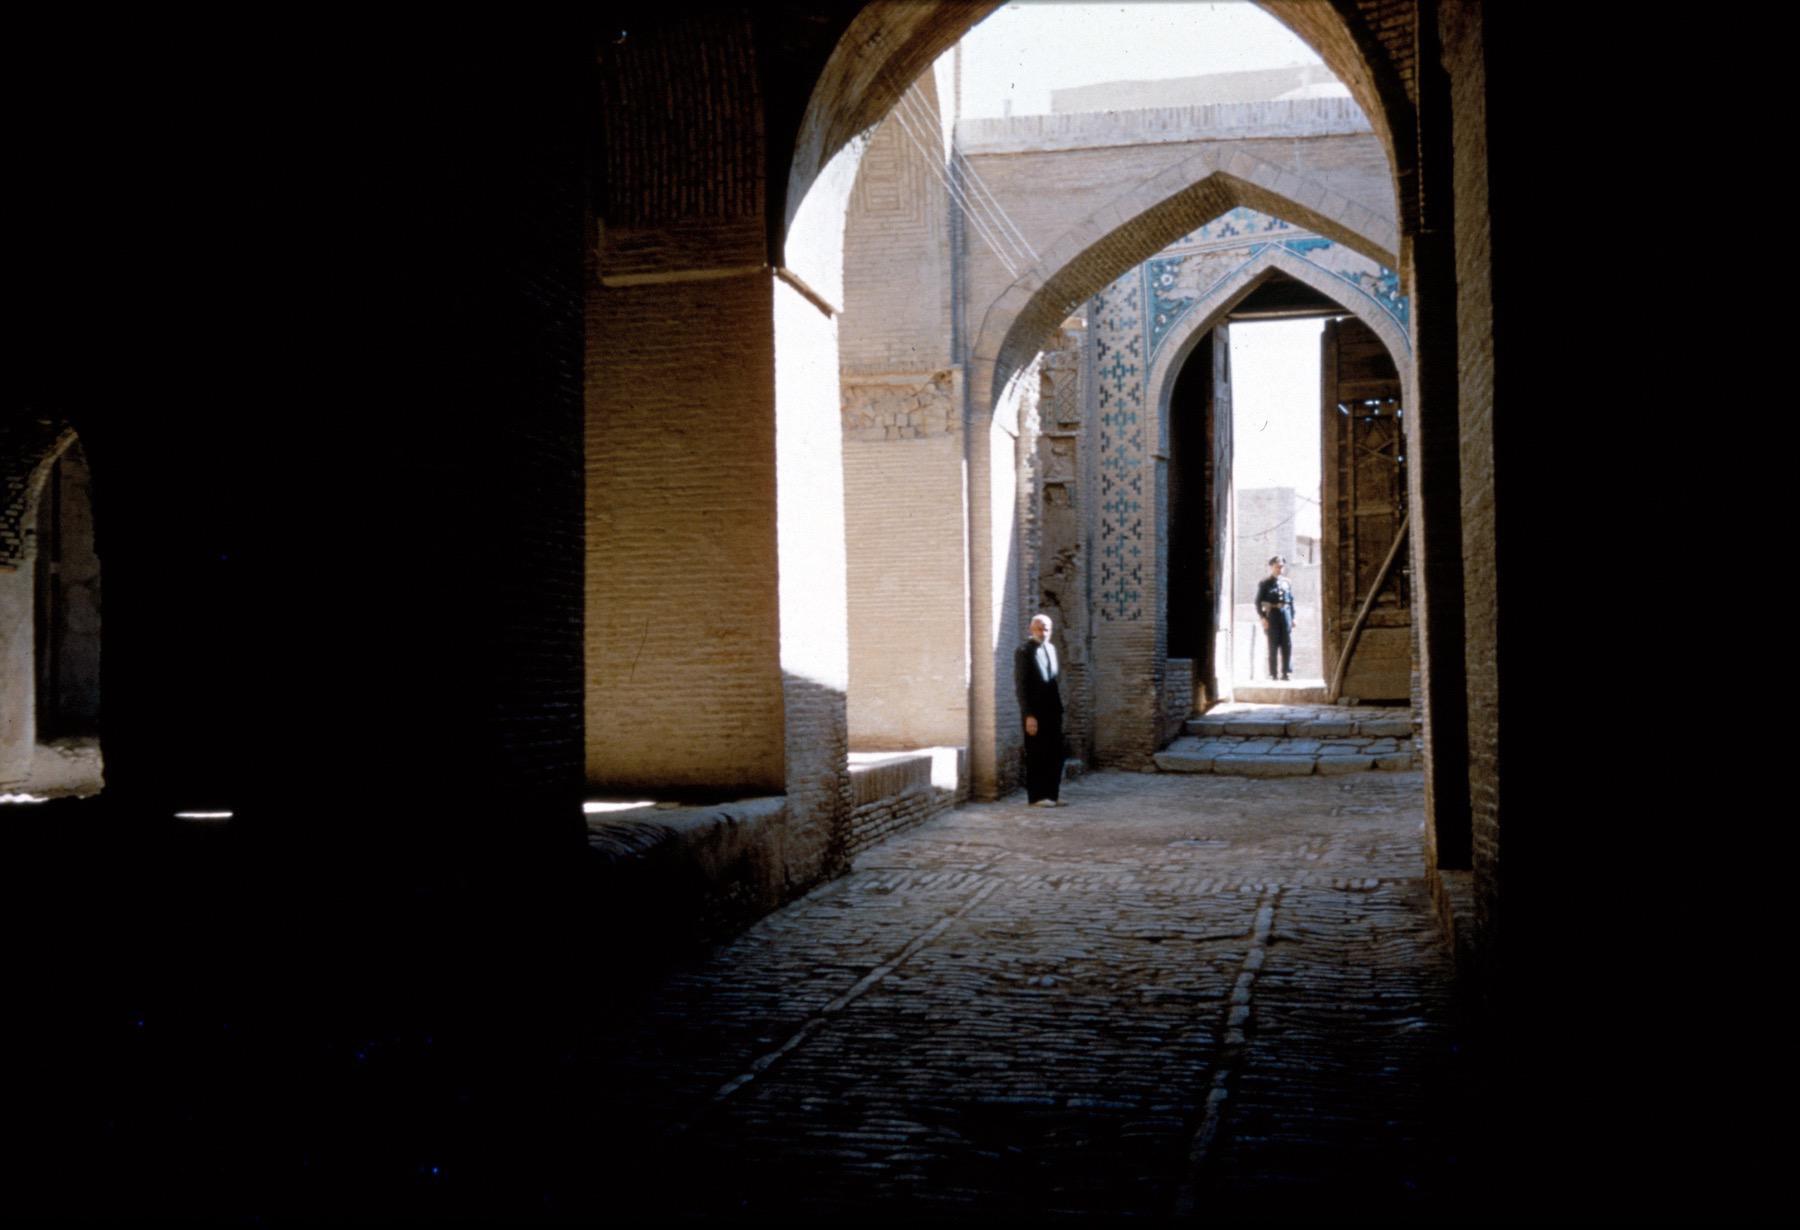 Masjid i jami isfahan view down corridor behind southeast